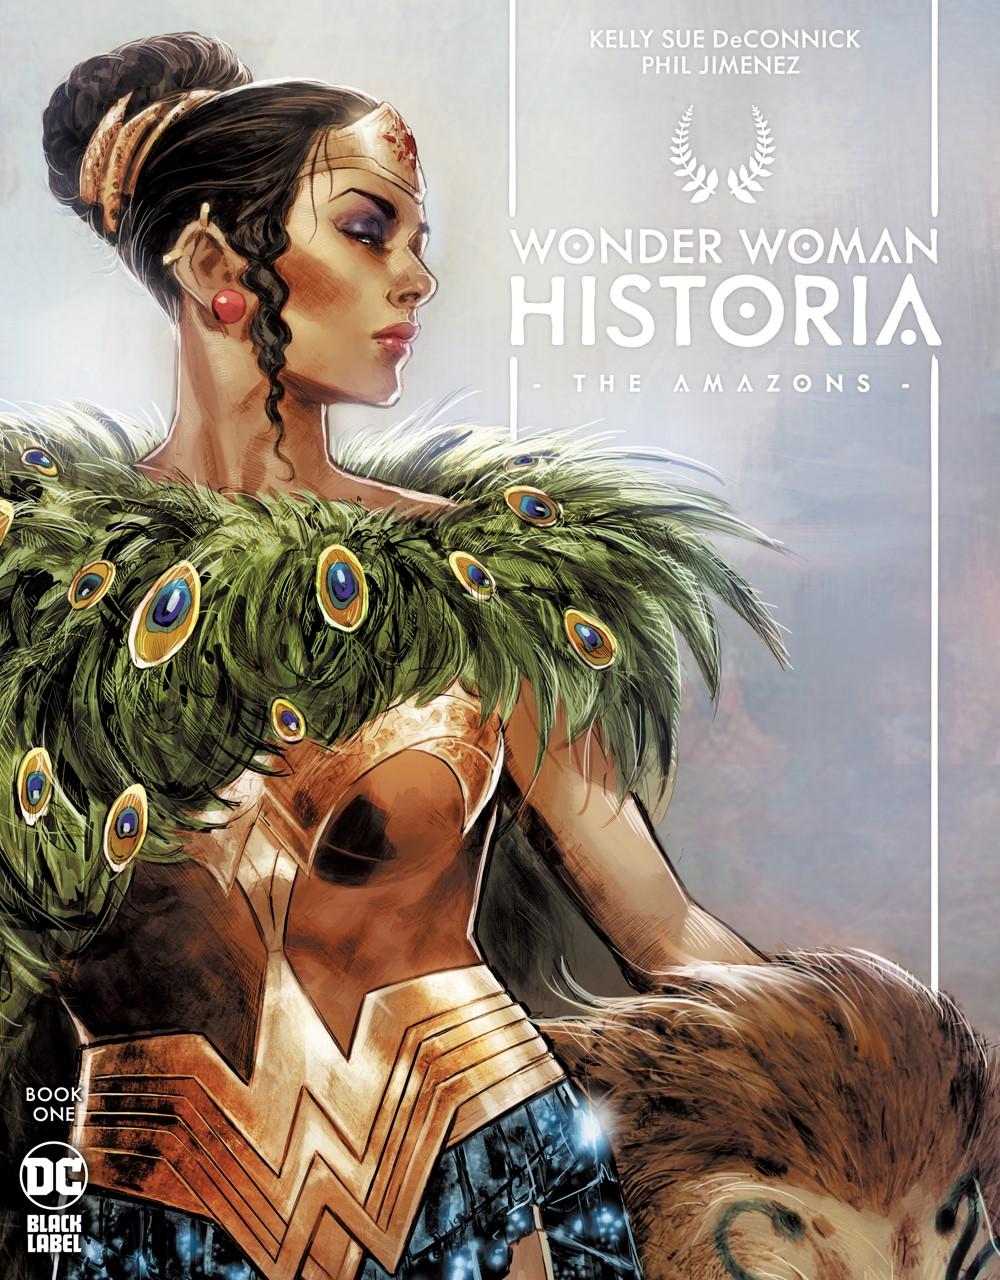 WW_HISTORIA_Cv1_00111 DC Comics October 2021 Solicitations